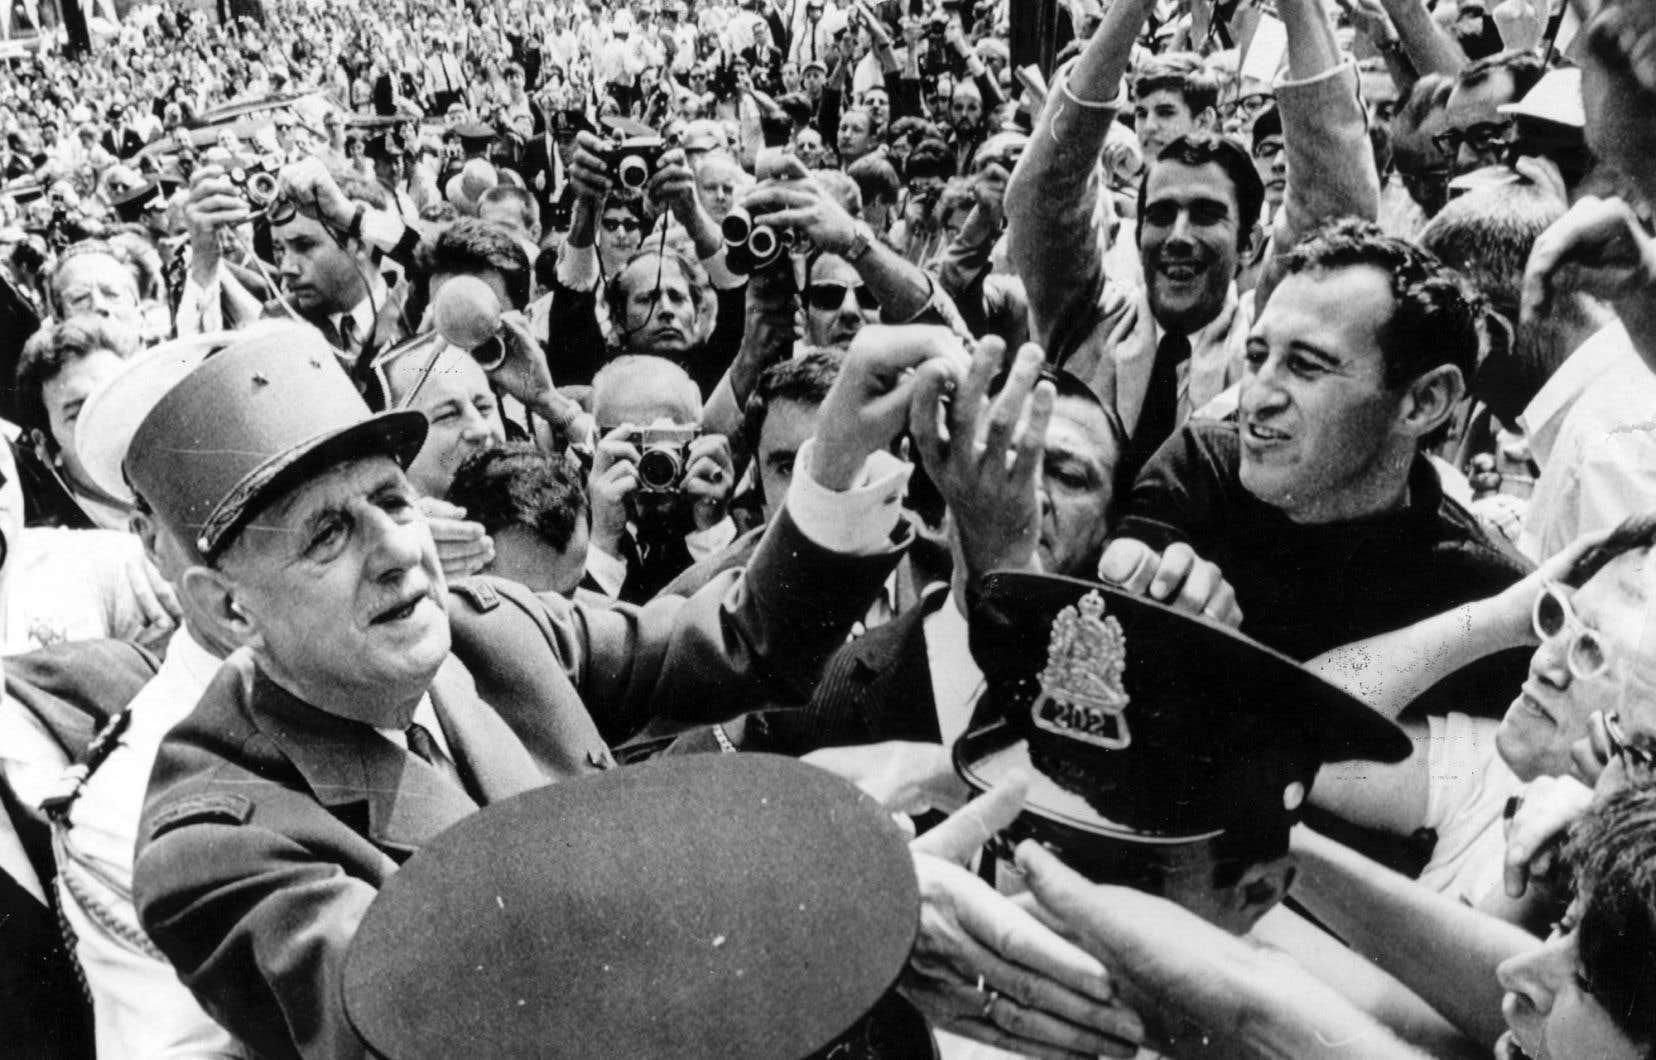 «Ayant gouverné la France depuis 10ans à travers des difficultés majeures, [de Gaulle] n'était pas naïf en matières économiques et jugeait que le Québec tirerait son épingle du jeu», avance Jean-François Lisée, faisant allusion à l'indépendance.